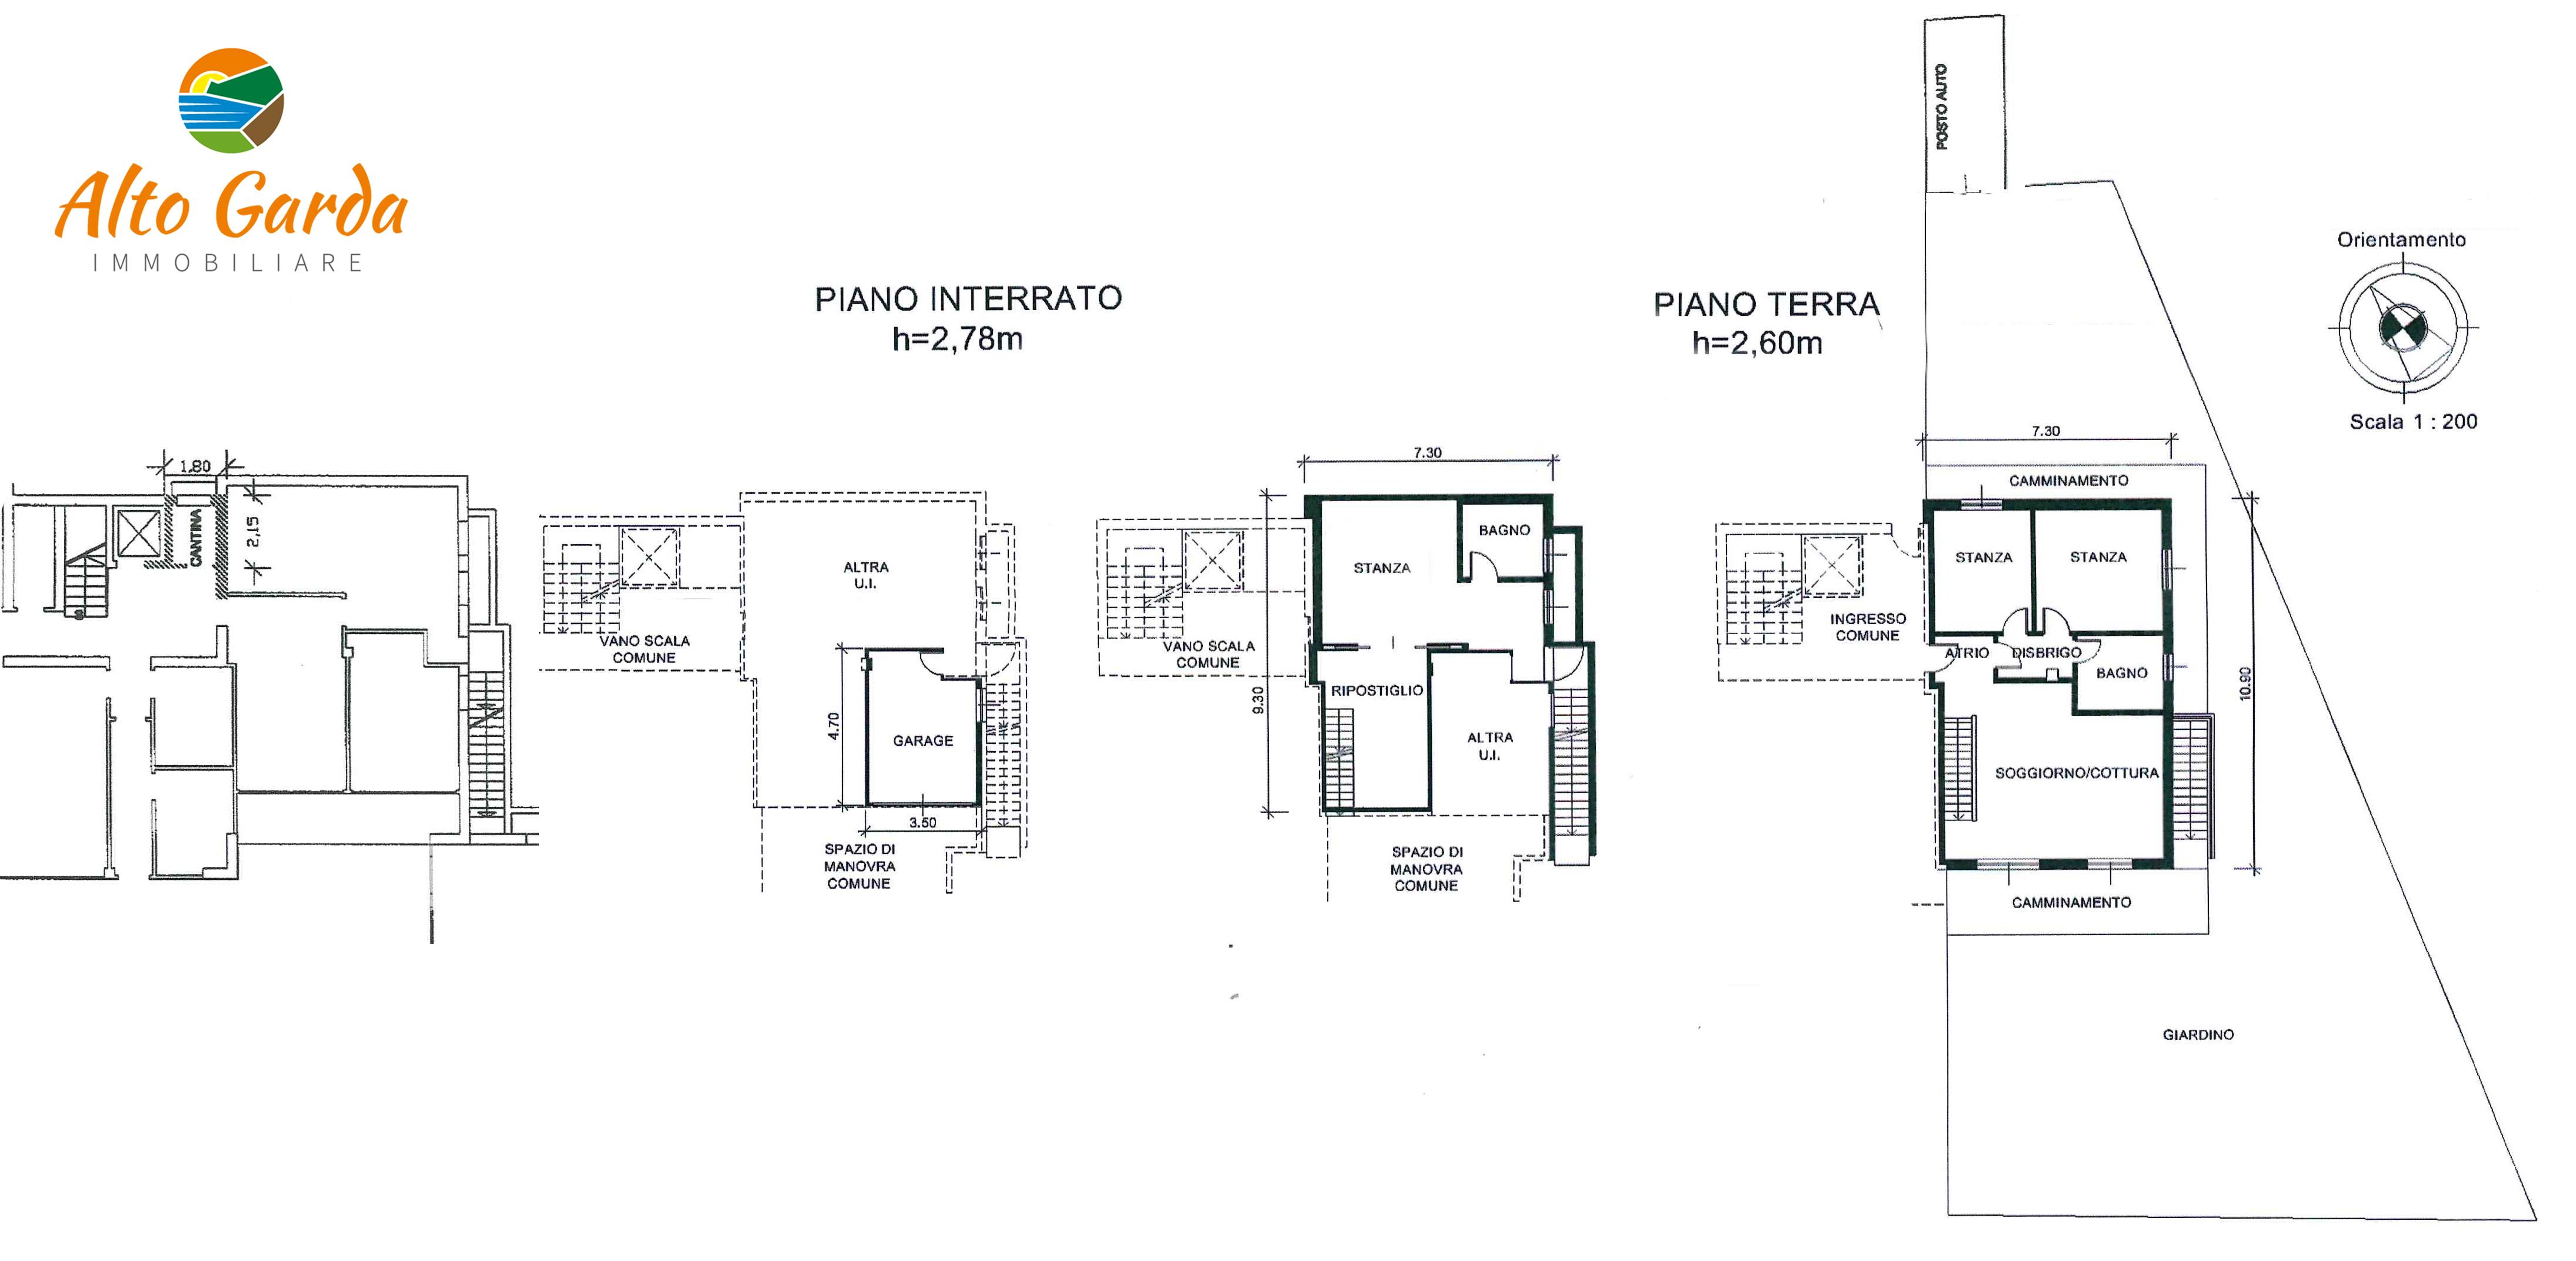 203-planimetria-Alto Garda Immobiliare